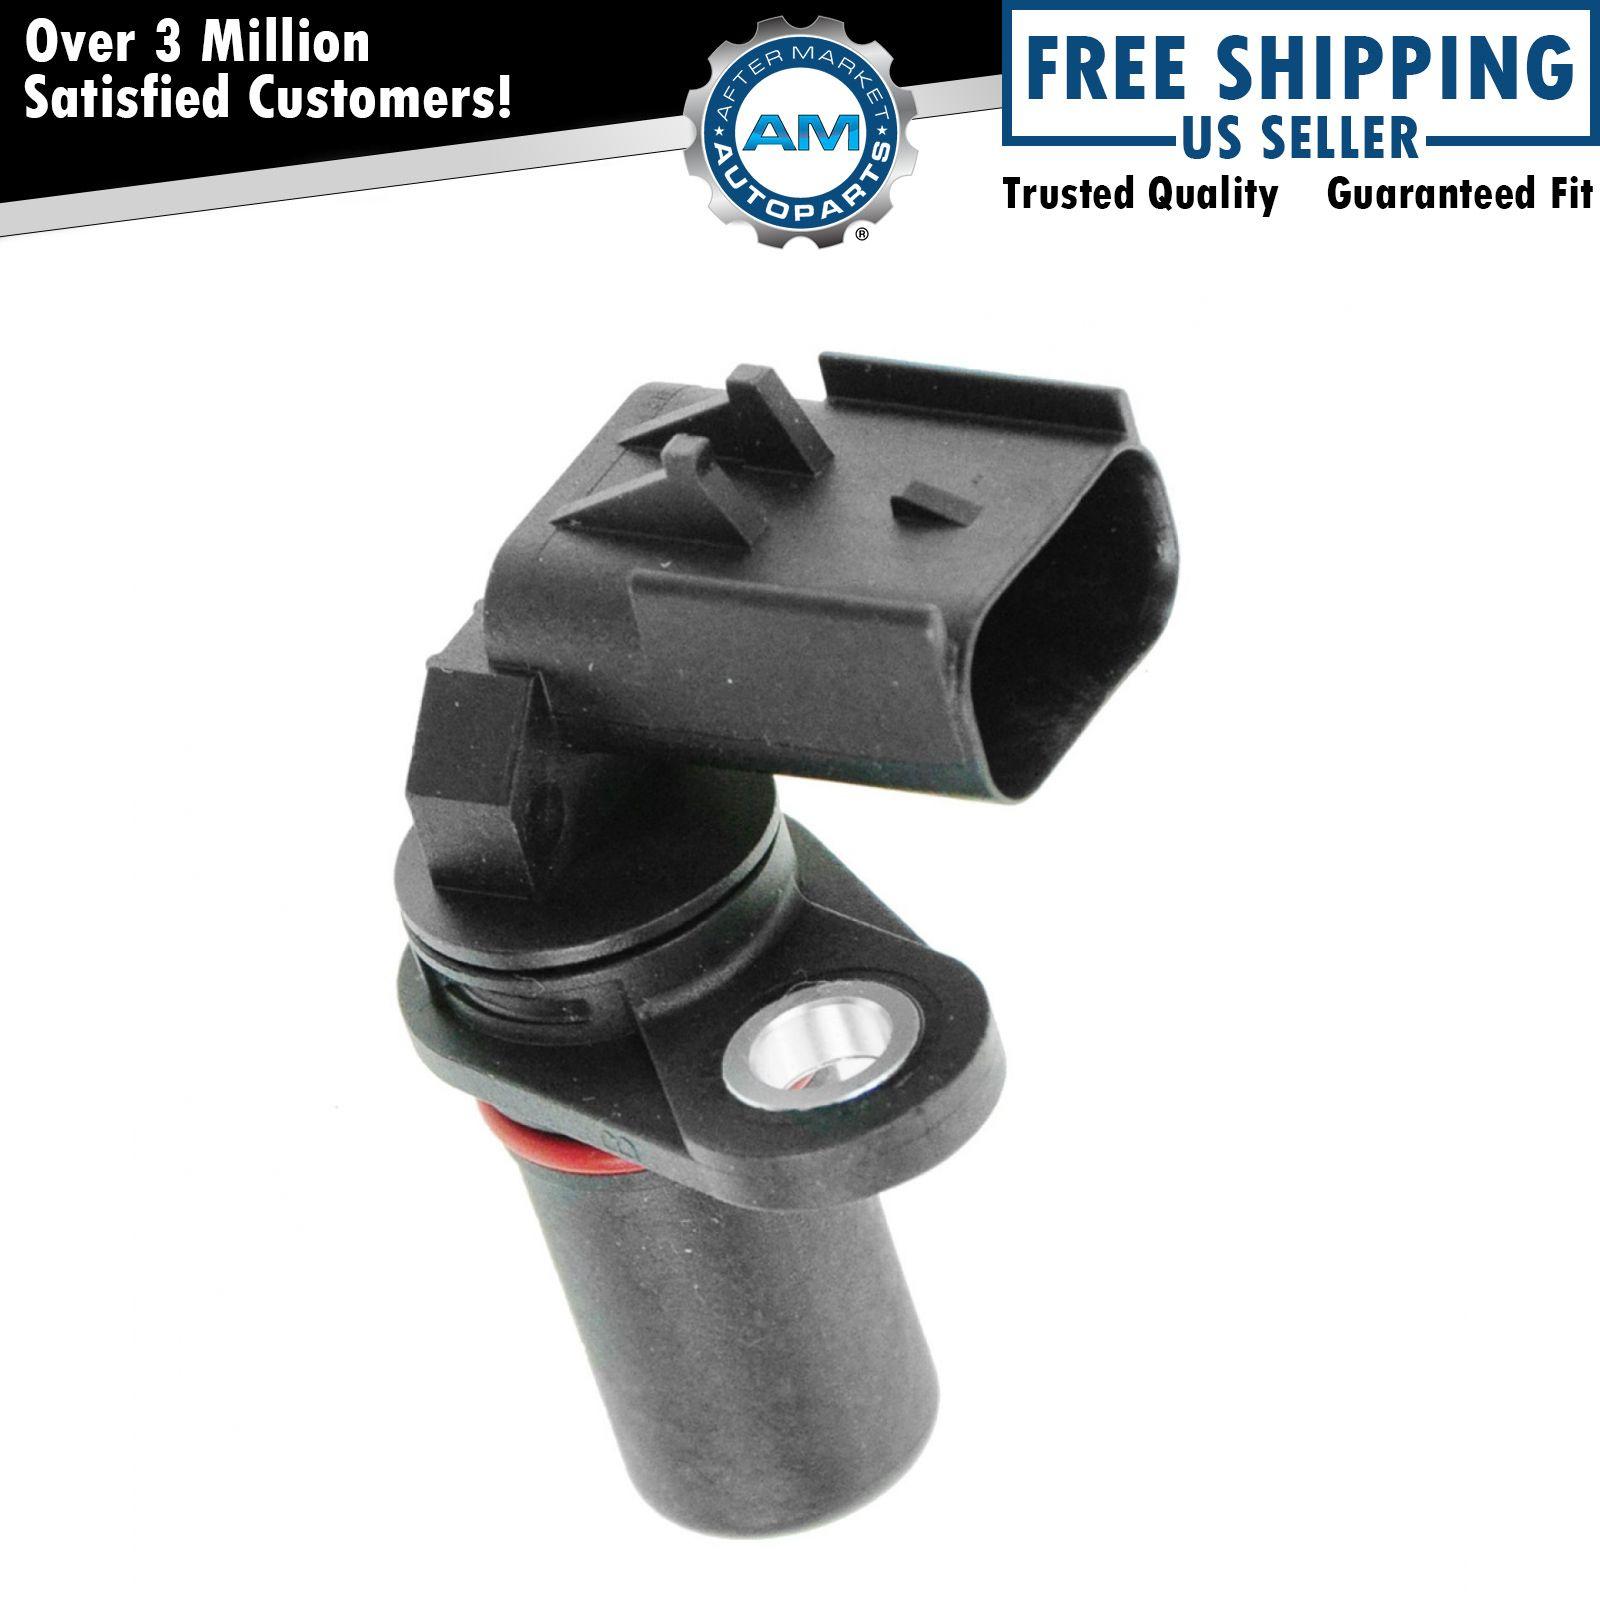 Crankshaft Position Sensor Replacement Jeep Wrangler: Crankshaft Position Sensor For Chrysler Sebring Dodge Neon